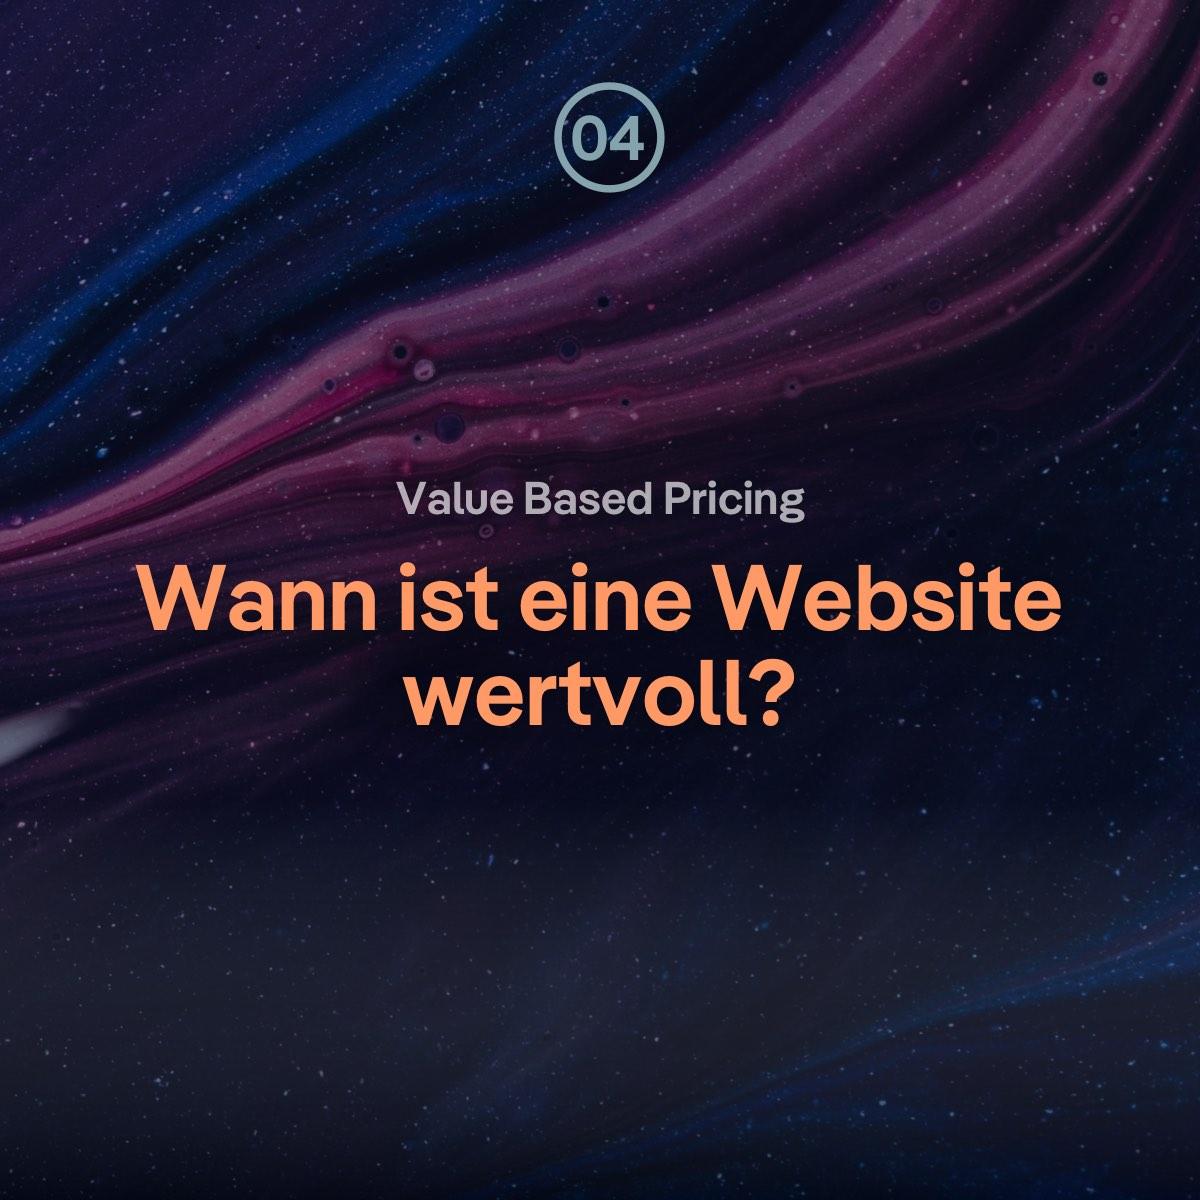 VBP: Ist eine Website wertvoller, wenn sie schwer umzusetzen ist?